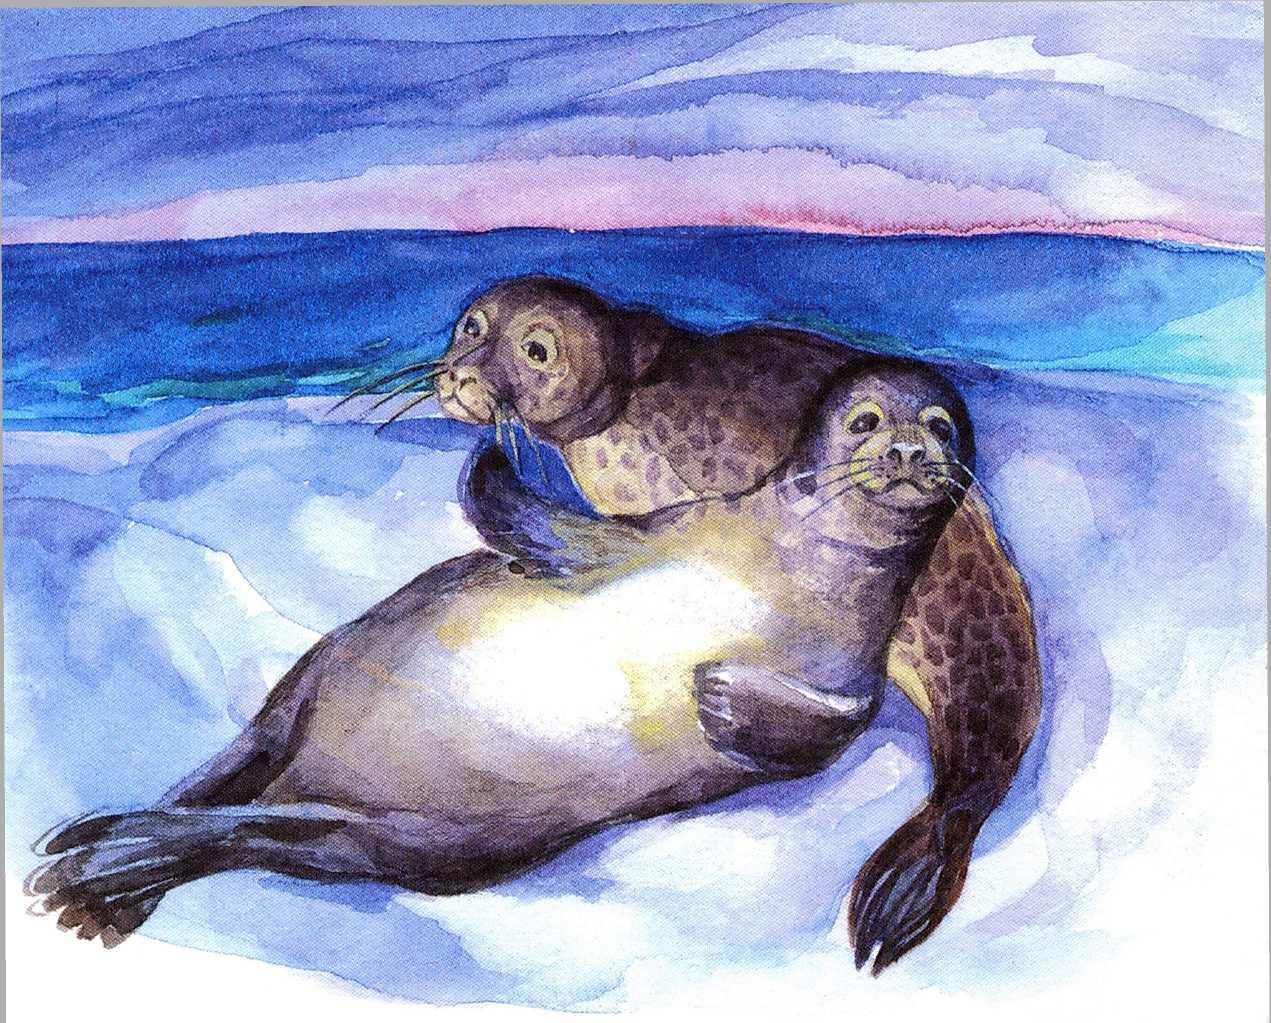 летающих подпиши рисунки тюлень на льдине узнать